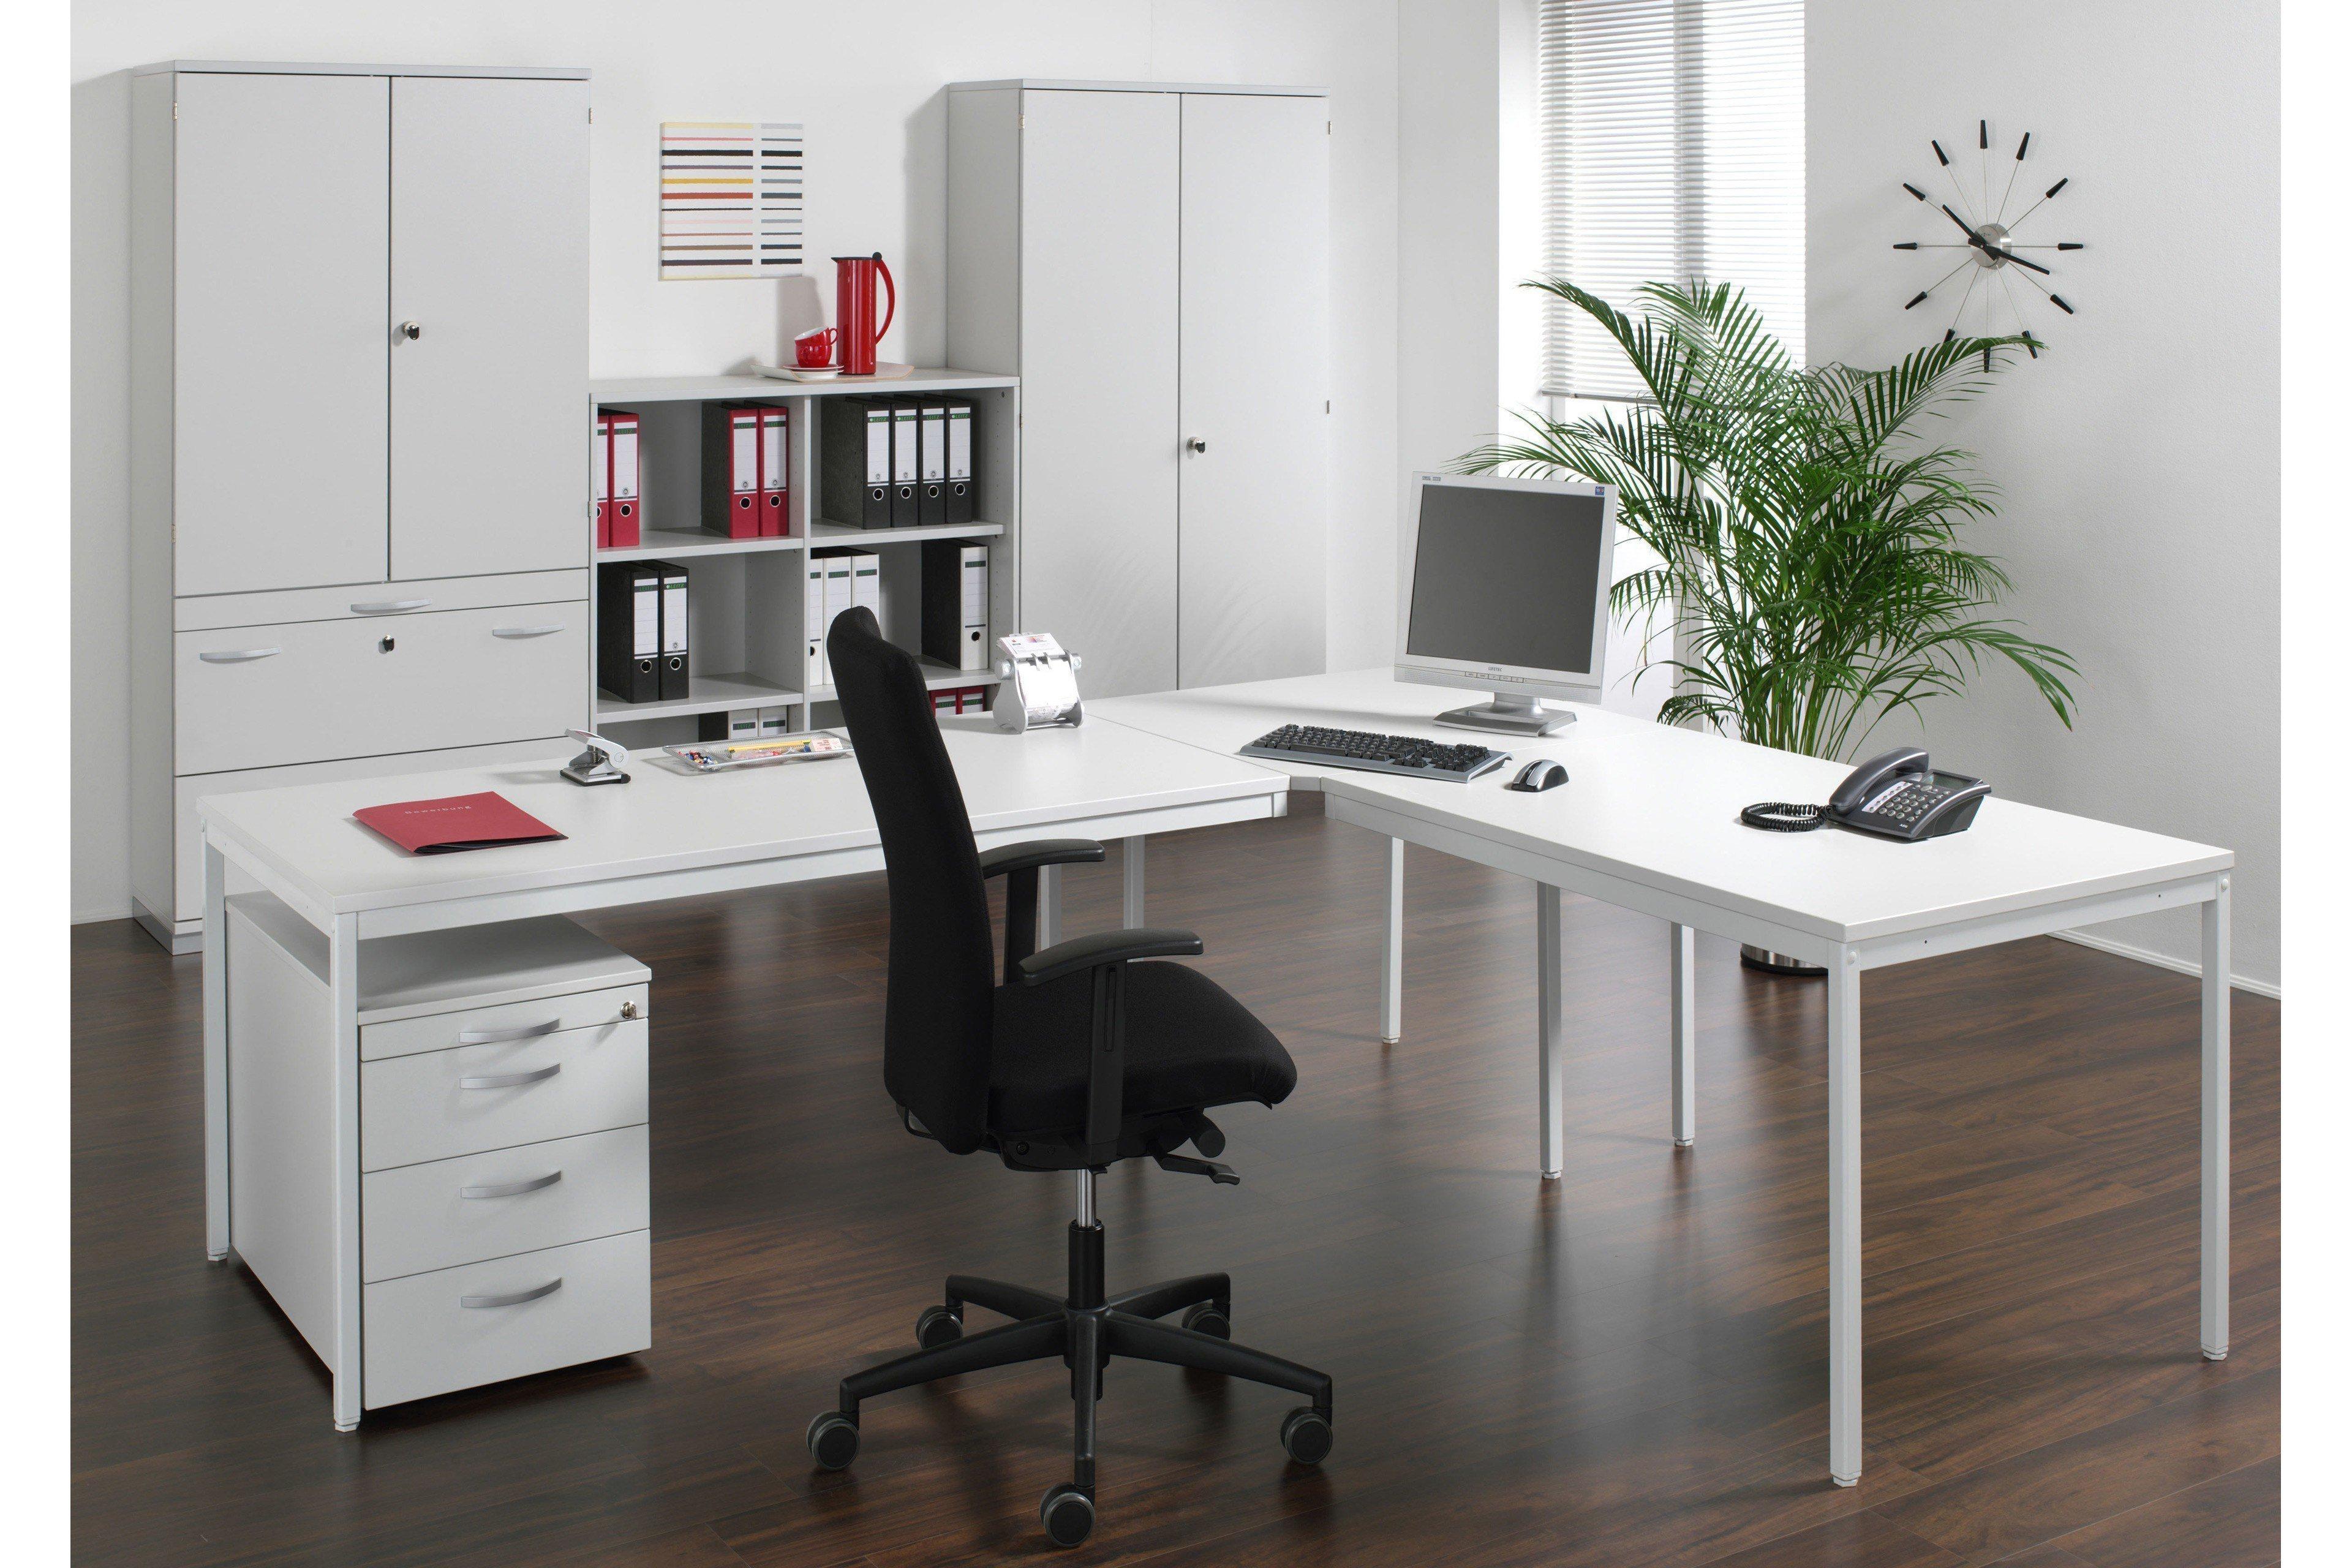 Büromöbel online kaufen | Möbel Letz - Ihr Online-Shop